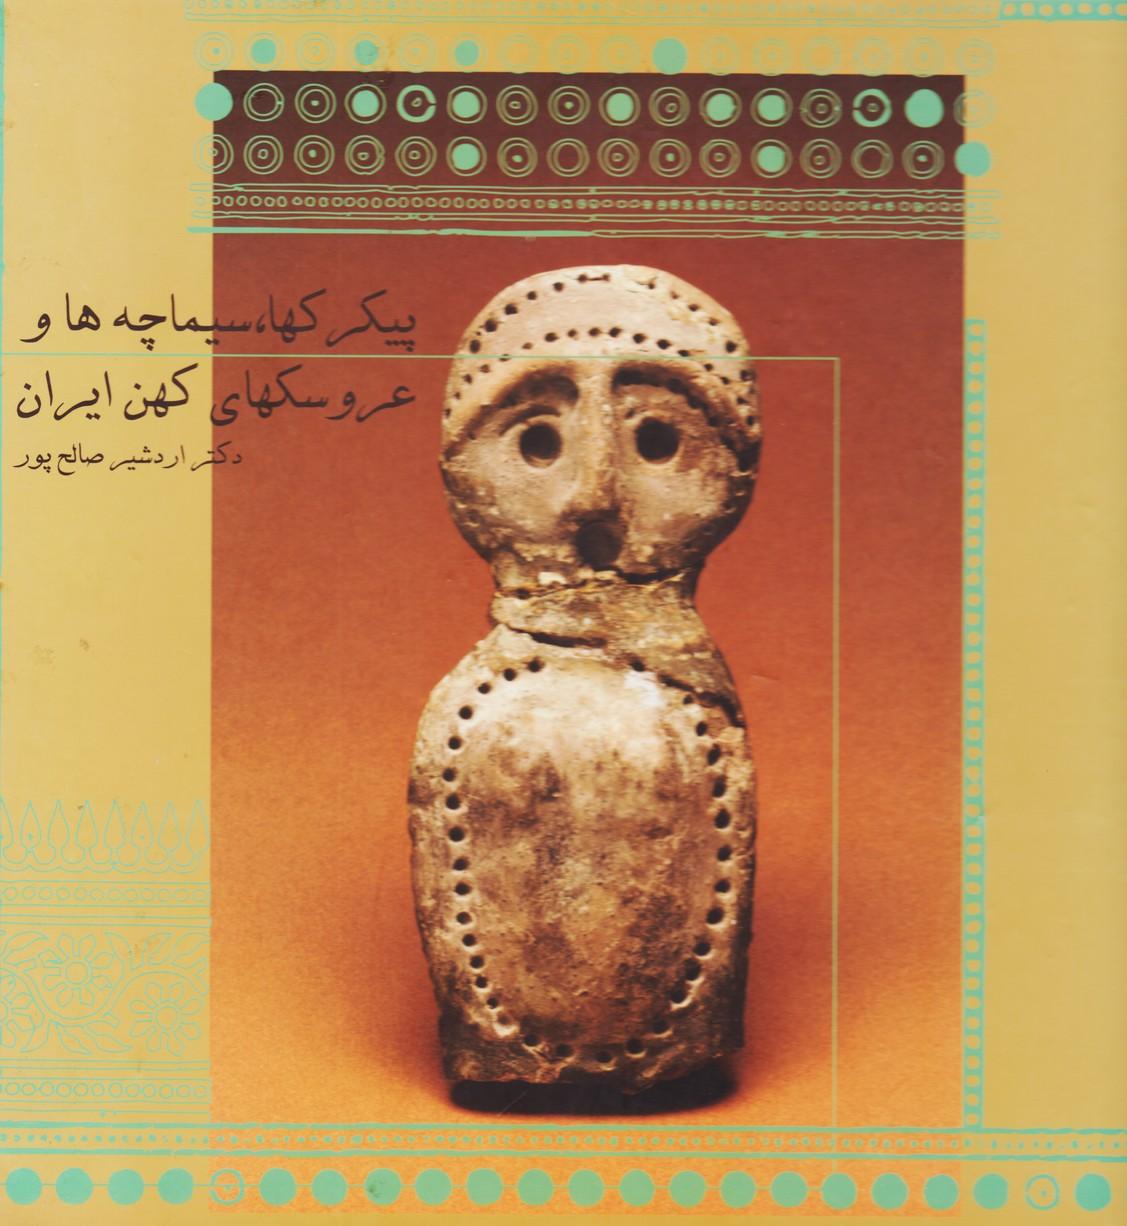 پیکرکها ، سیماچه ها ، و عروسکهای کهن ایران